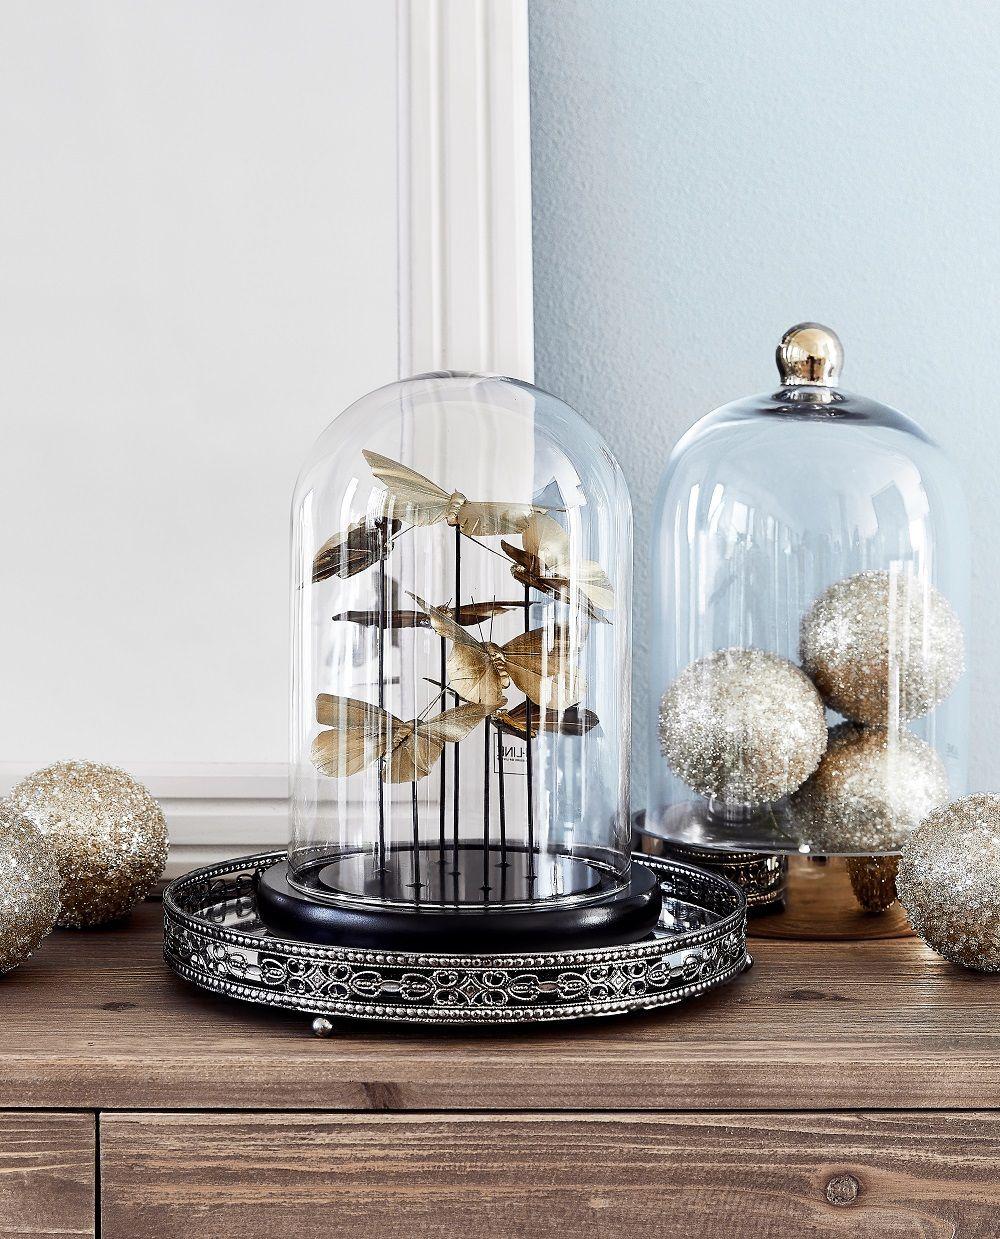 charming einfache dekoration und mobel deine persoenliche goldene schallplatte 2 #1: Deko-Glasglocke Bell